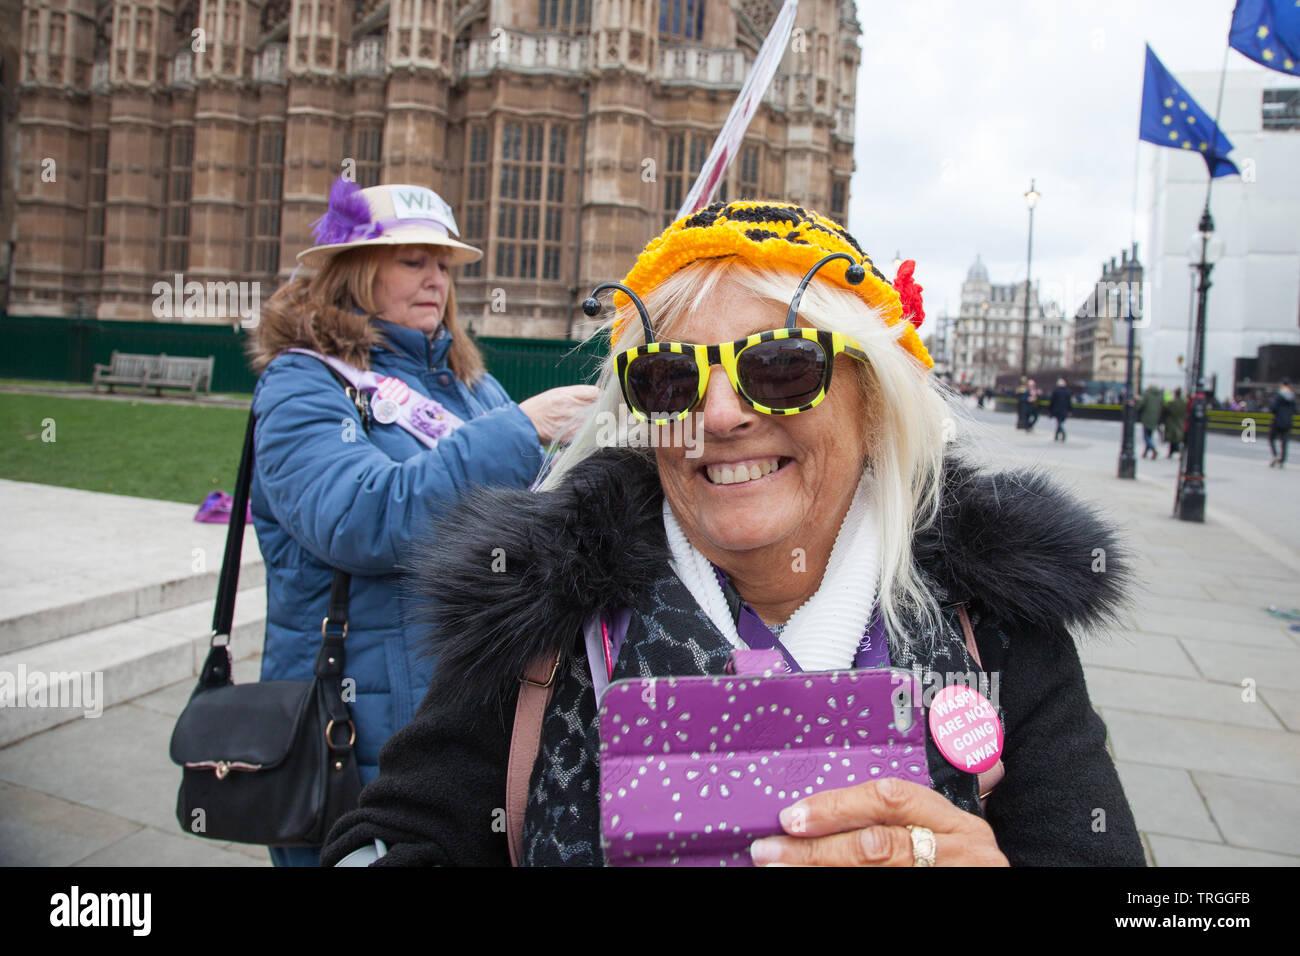 Londres, Royaume-Uni. 13 mars, 2019. Les manifestants pour le groupe des femmes contre les inégalités de pensions de l'Etat (WASPI) se réunissent à la Chambre du Parlement, Westminster pour exprimer leur colère face à l'évolution de l'âge de la pension pour les femmes nées en 1950. Ils demandent au gouvernement de fournir une compensation pour les millions de femmes touchées par le changement. Banque D'Images